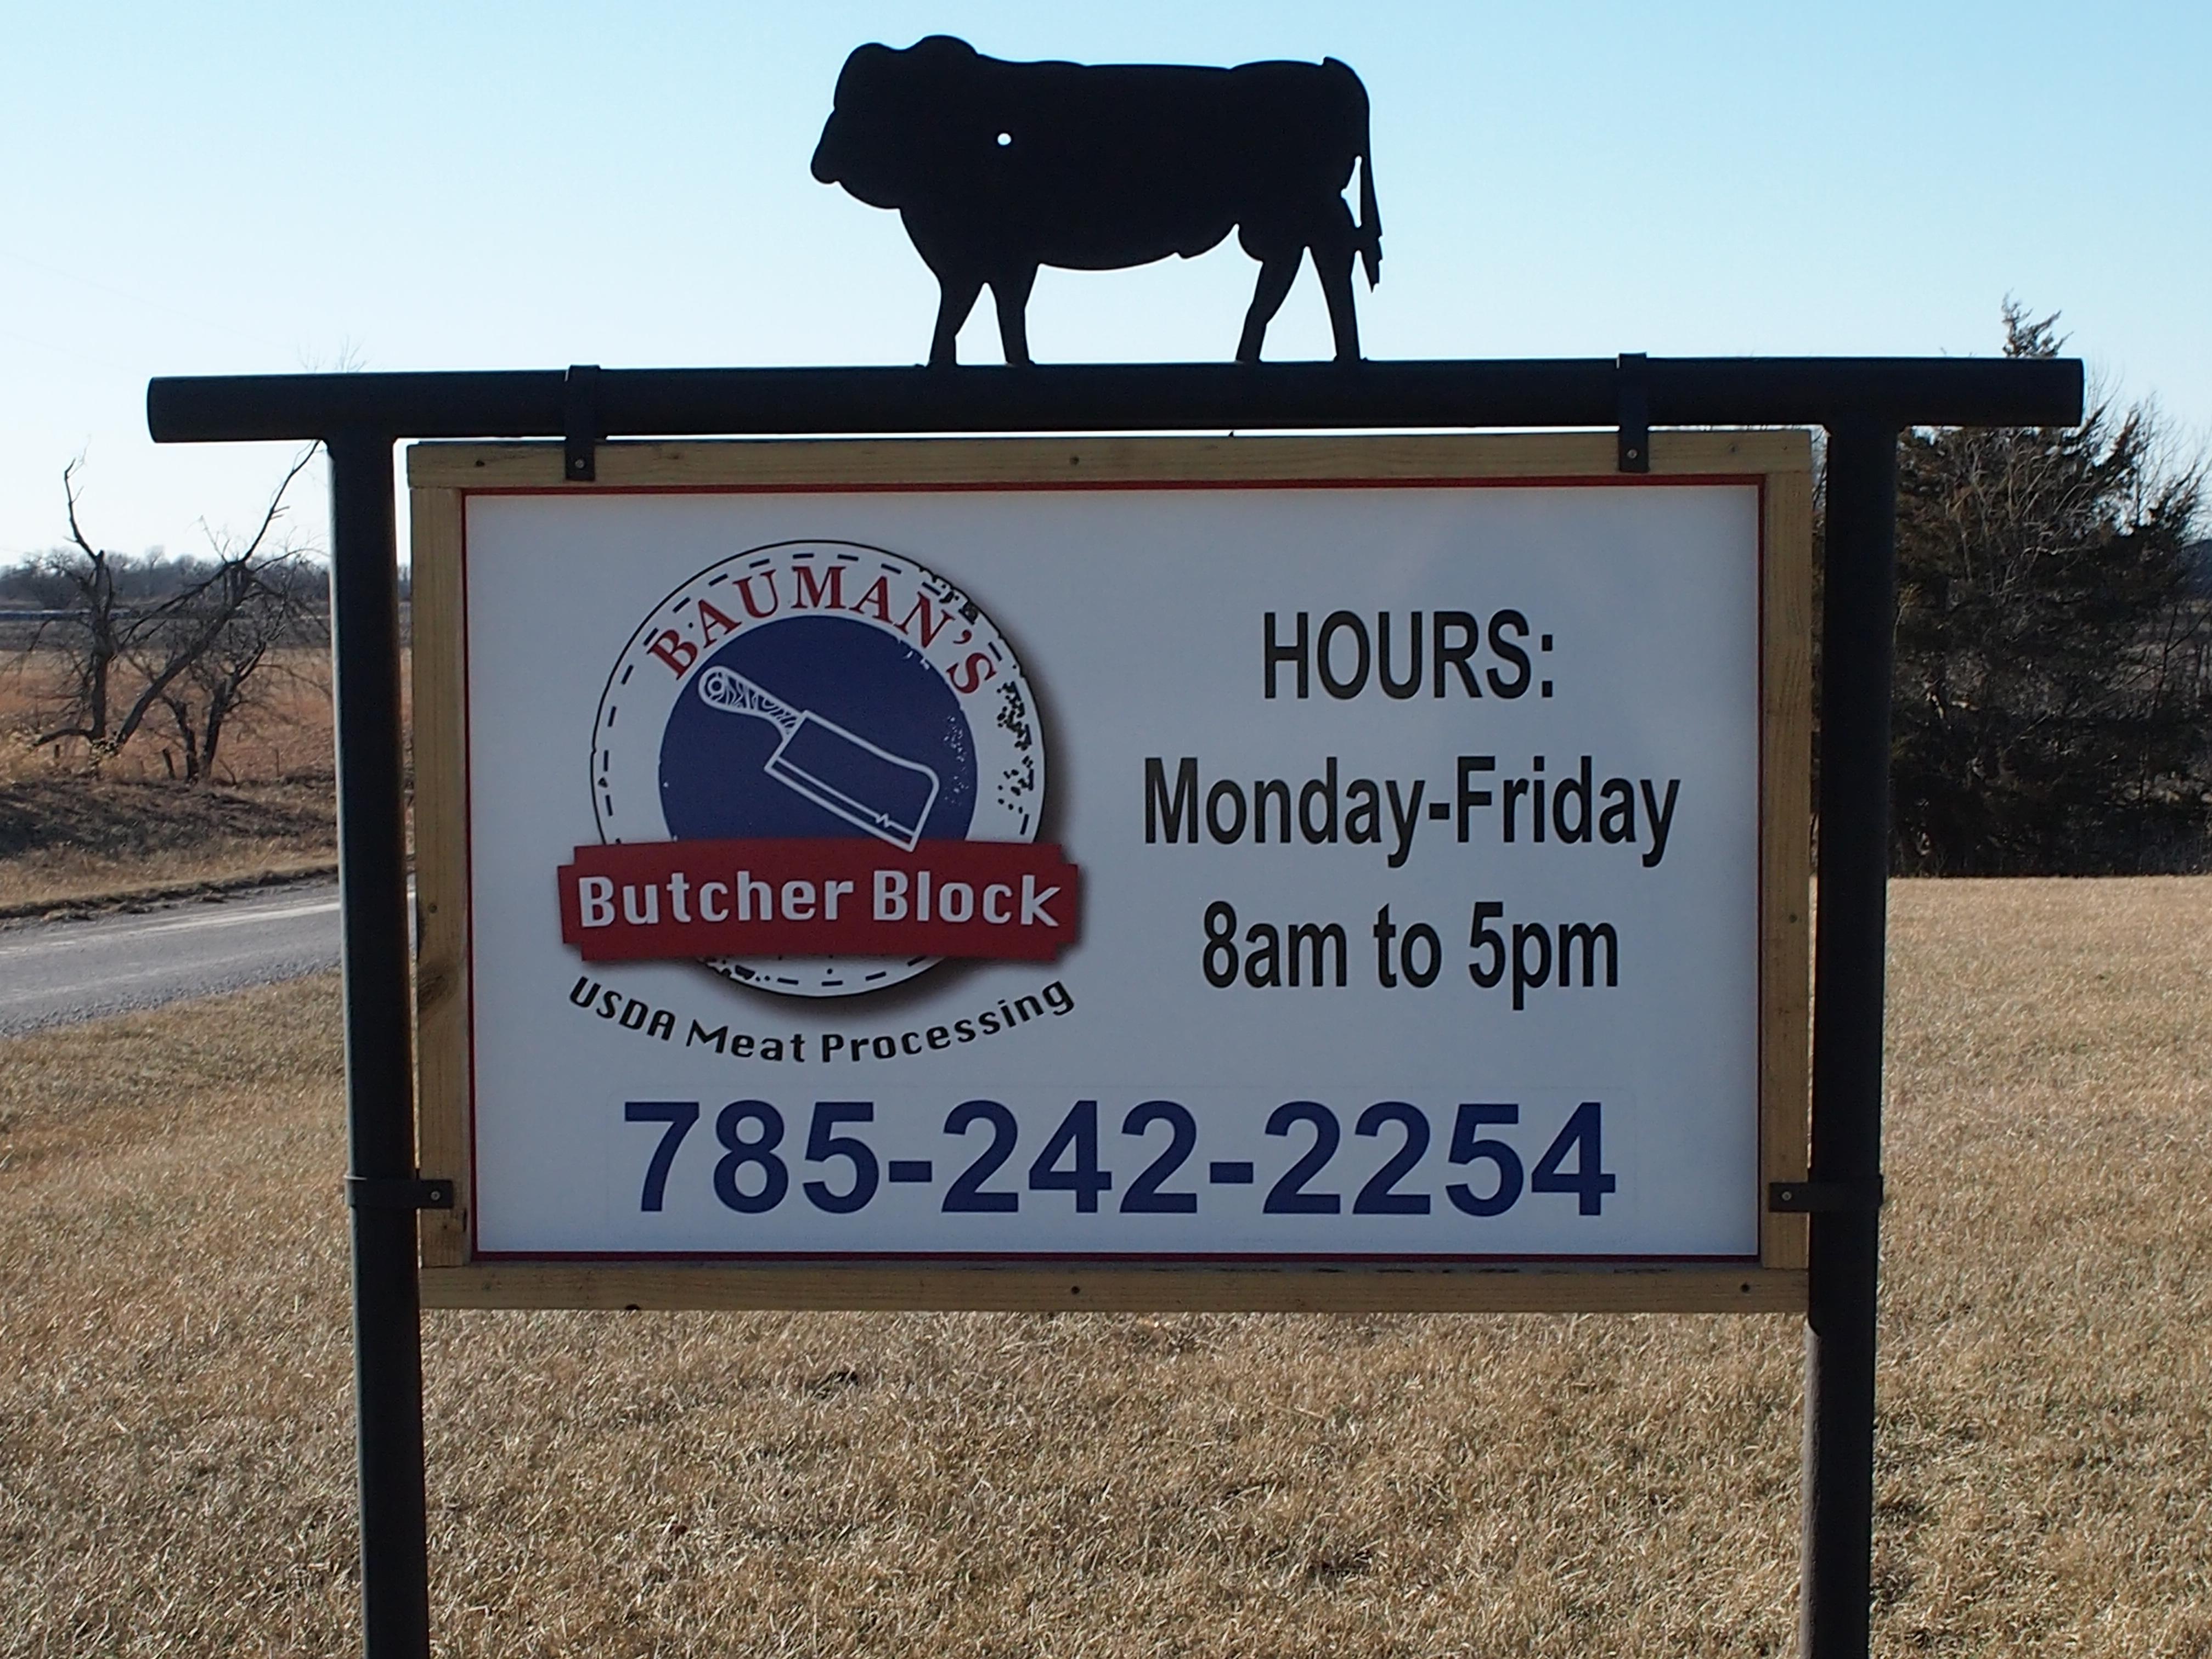 Baumans Butcher Block